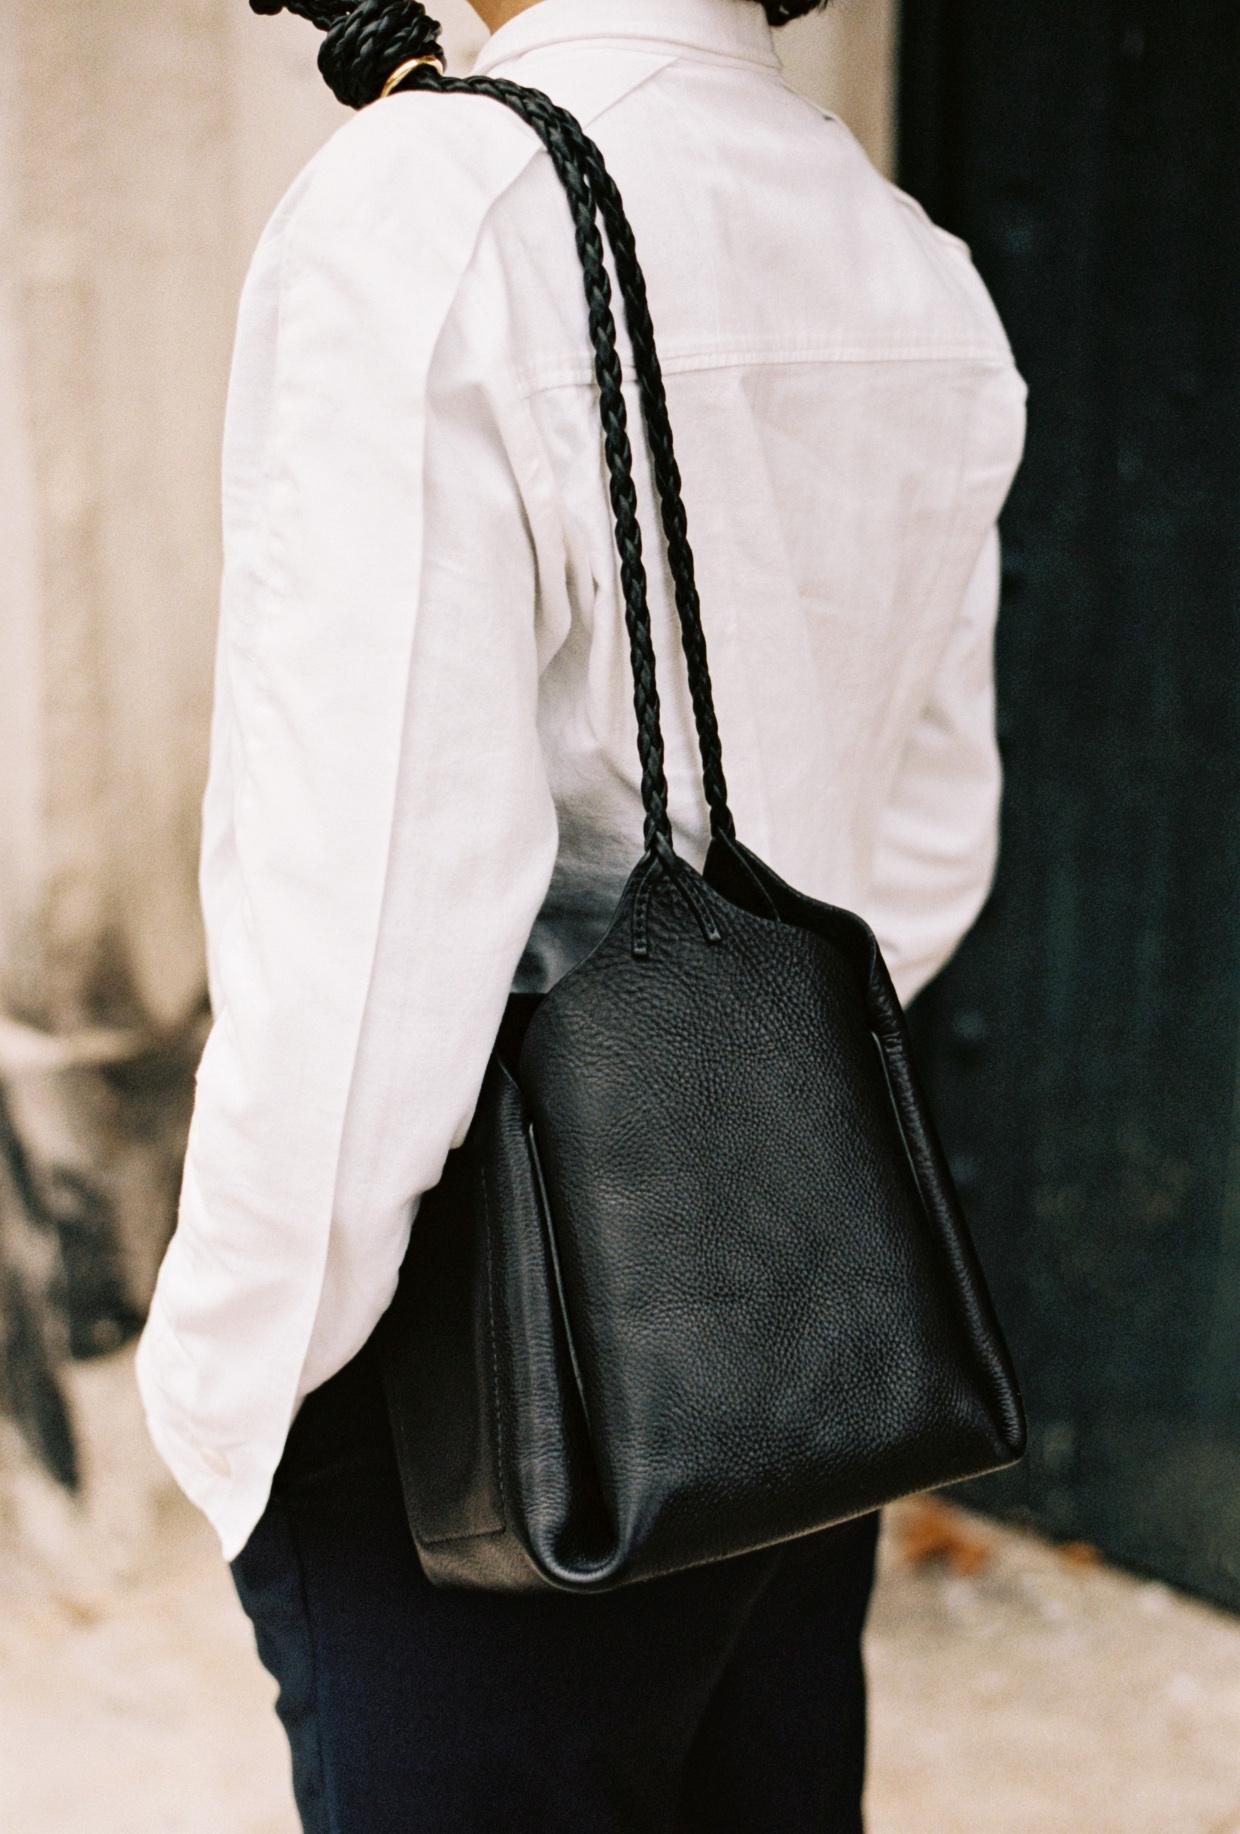 mark tallowin handbag baluchon